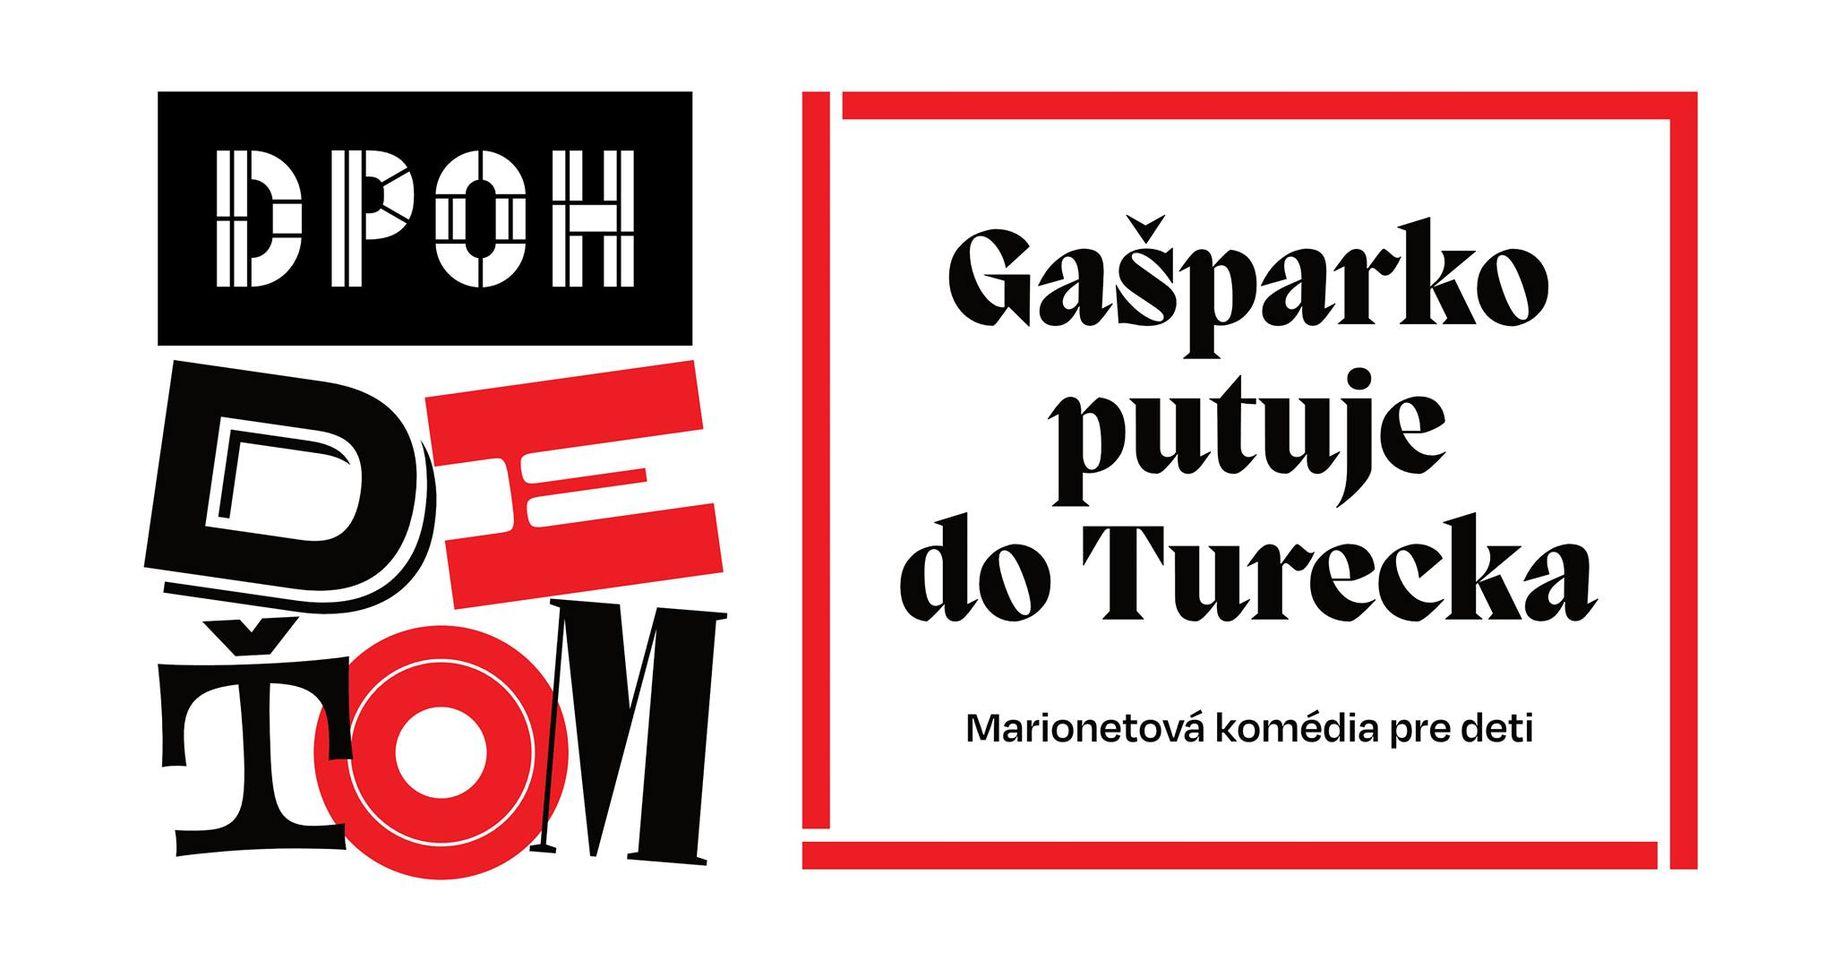 DPOH deťom: Gašparko putuje do Turecka - 5.9.2021 o 17:00, Foyer DPOH - marionetové predstavenie